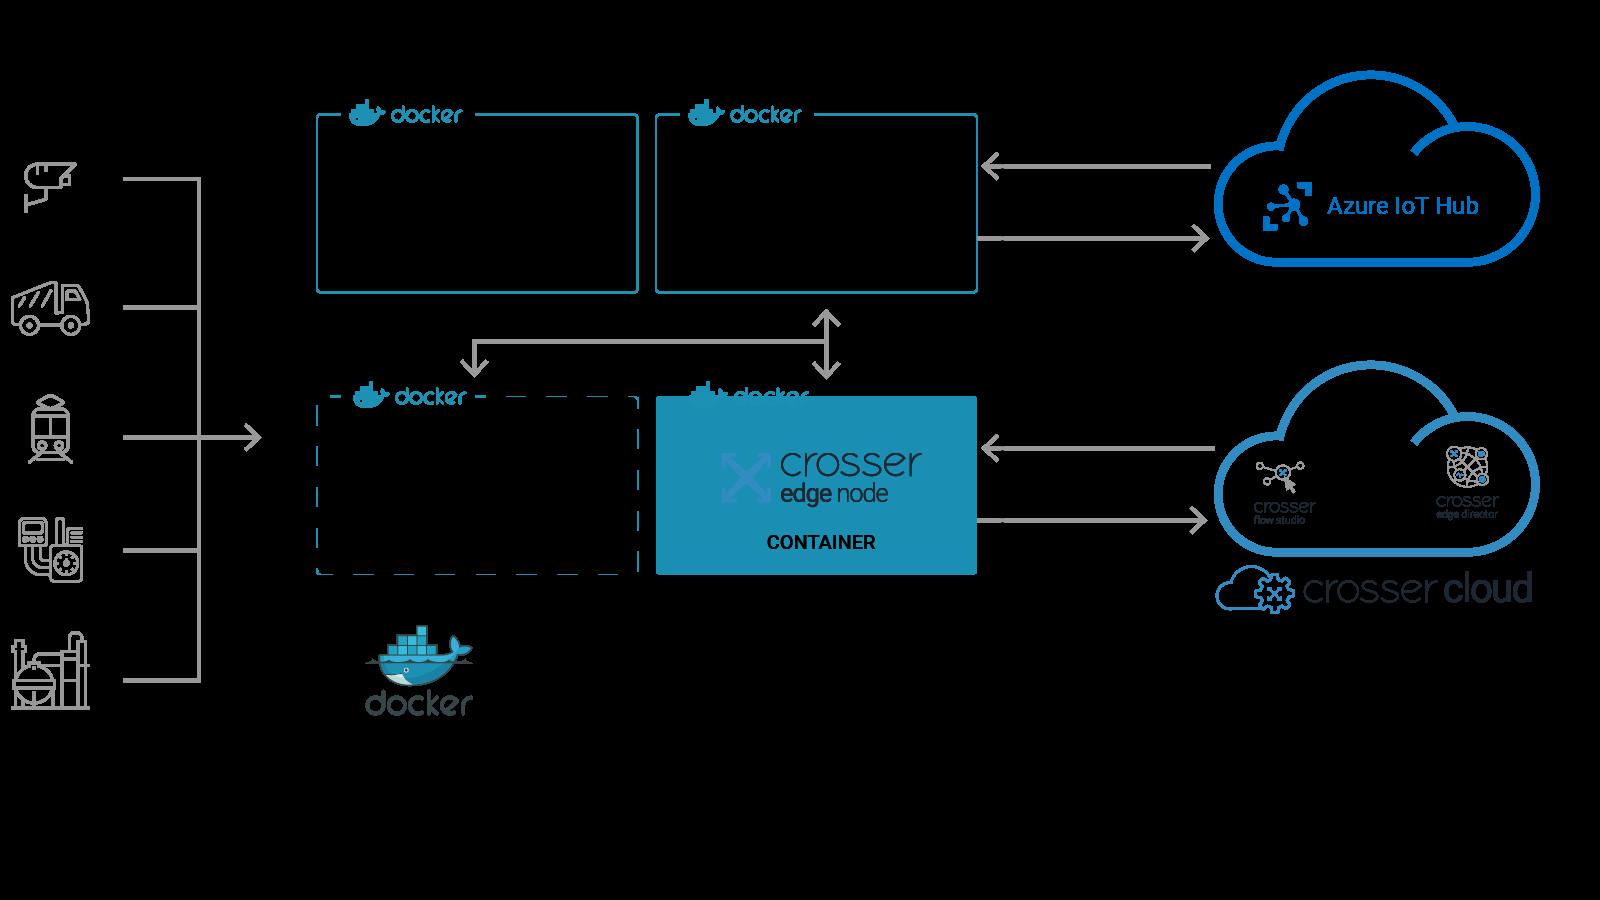 crosser azure edge solution 2x